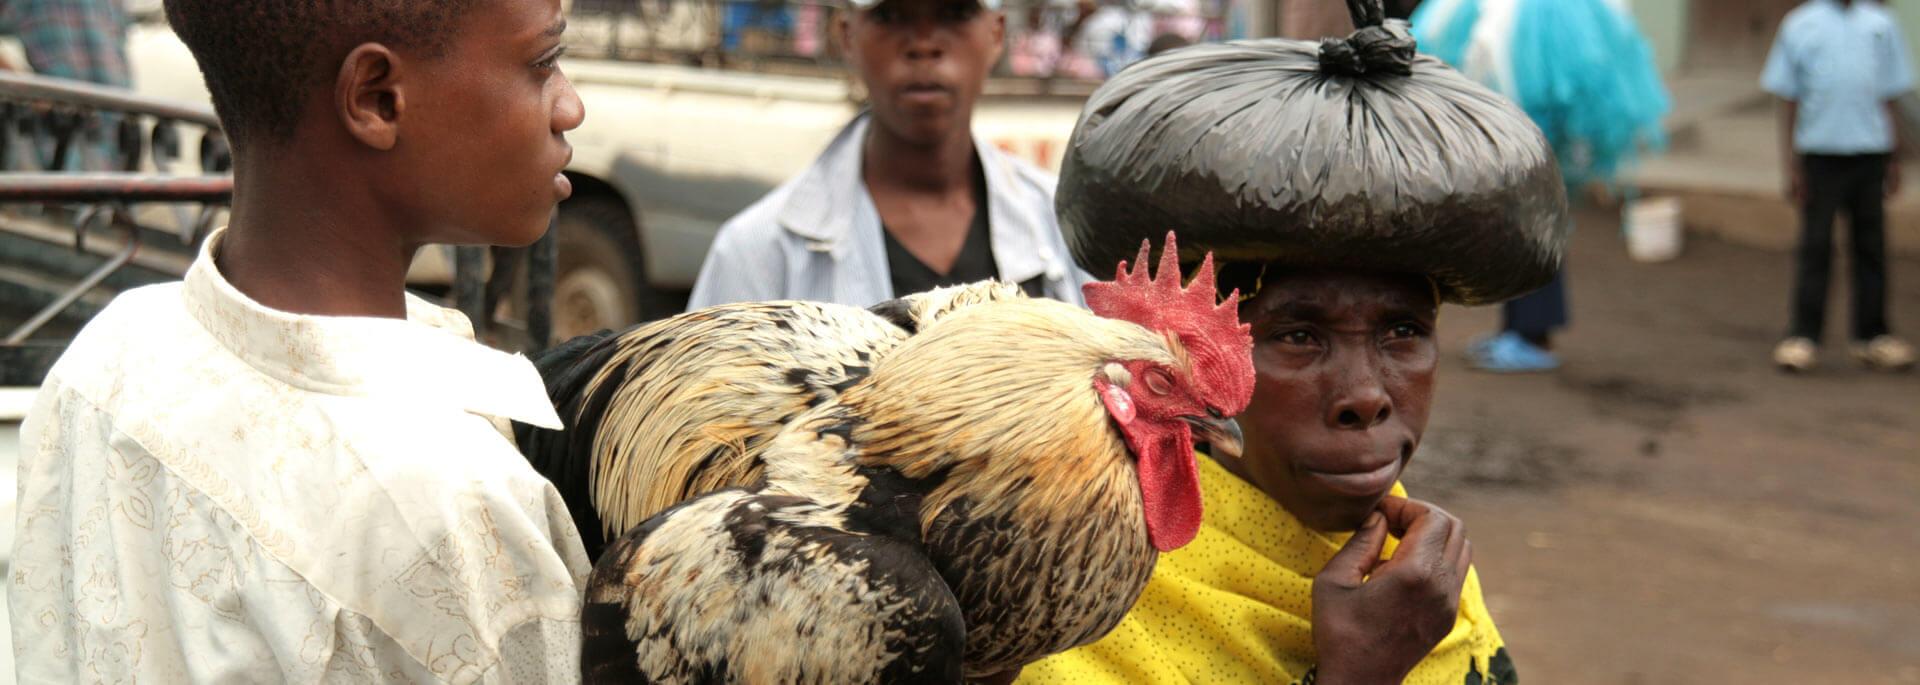 Fotos: Markttreiben in Tansania